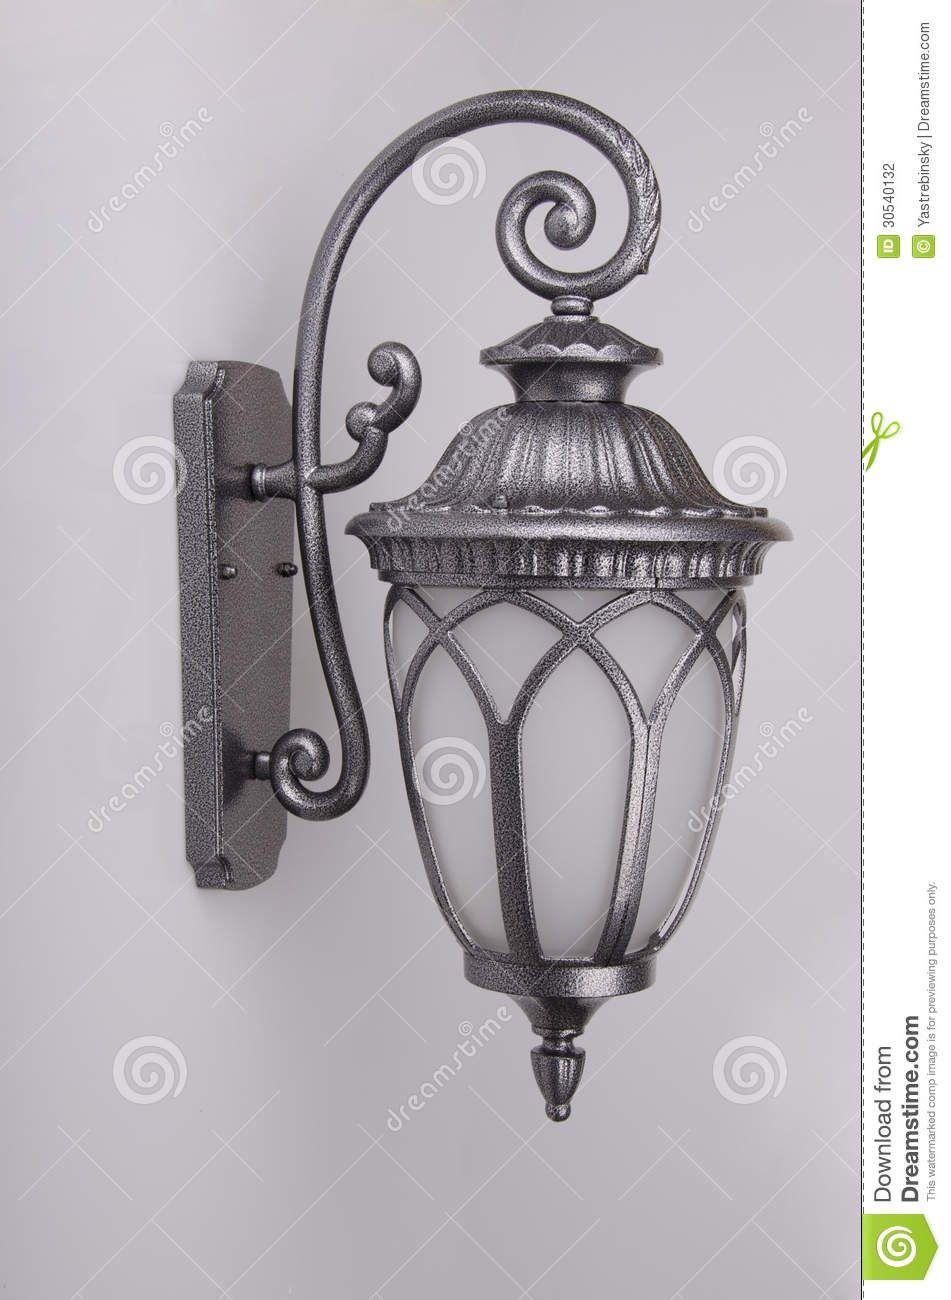 Candelabro De Parede Da Lampada De Rua 30540132 Jpg 951 1300 Candelabro De Parede Candelabro Lampada De Rua